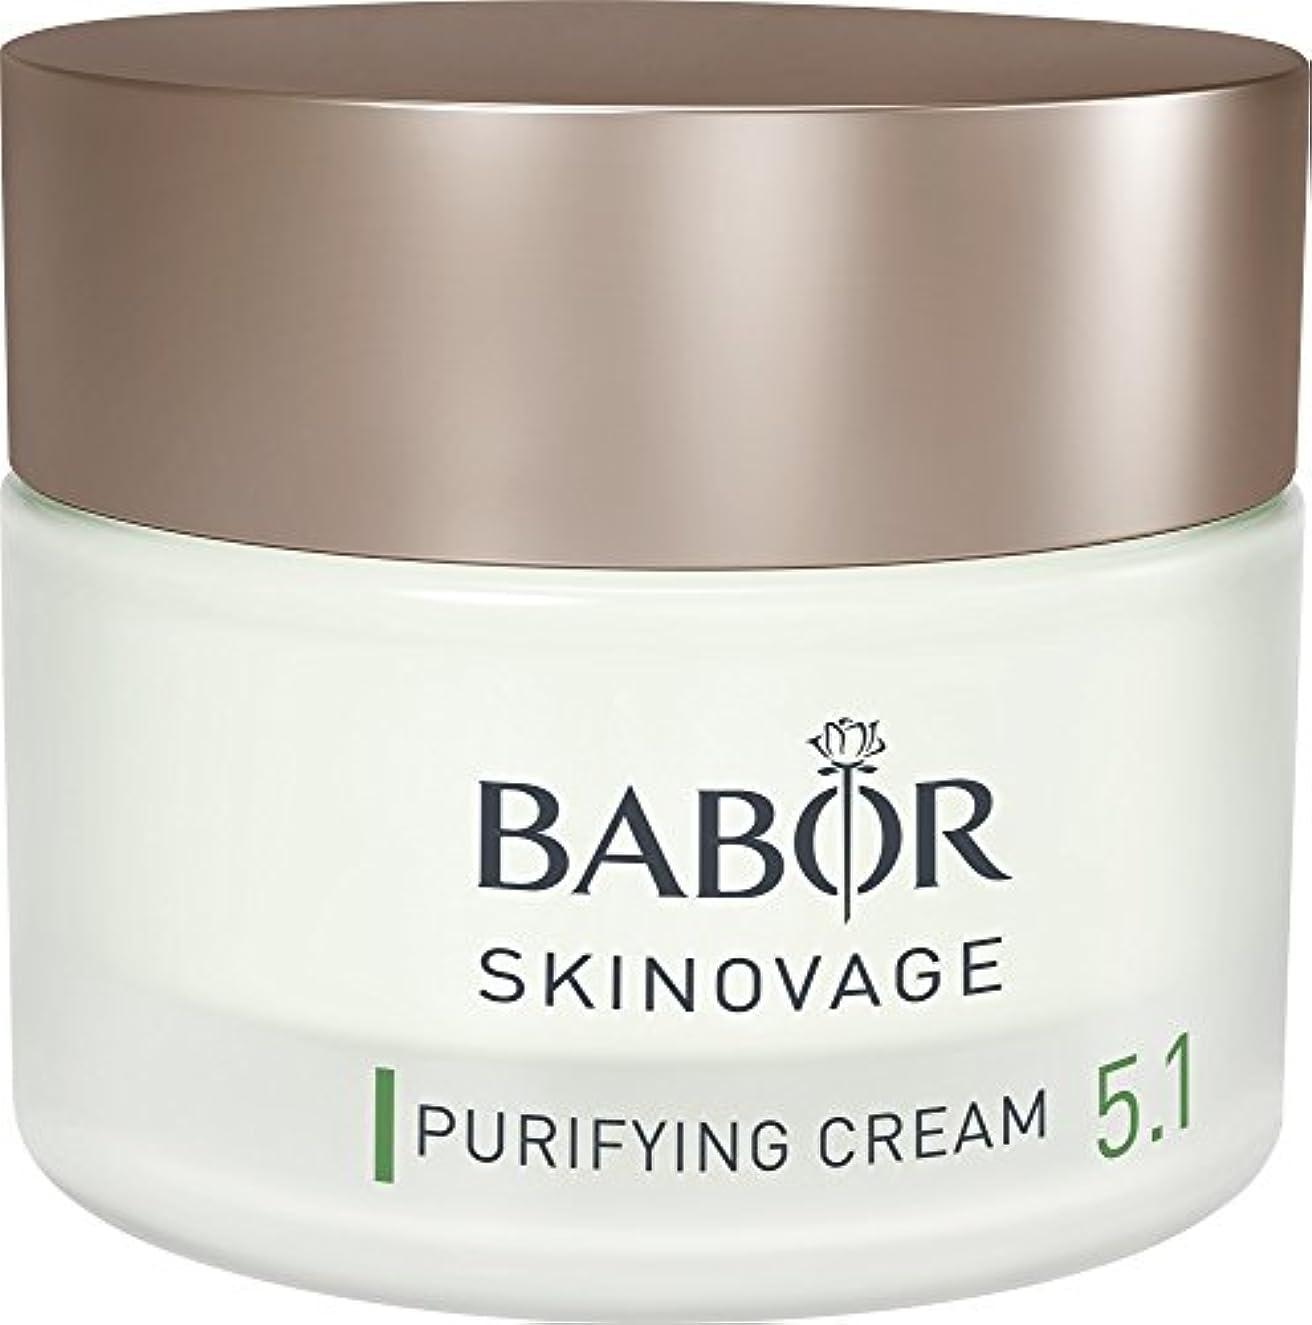 これまで鳥仲人バボール Skinovage [Age Preventing] Purifying Cream 5.1 - For Problem & Oily Skin 50ml/1.7oz並行輸入品